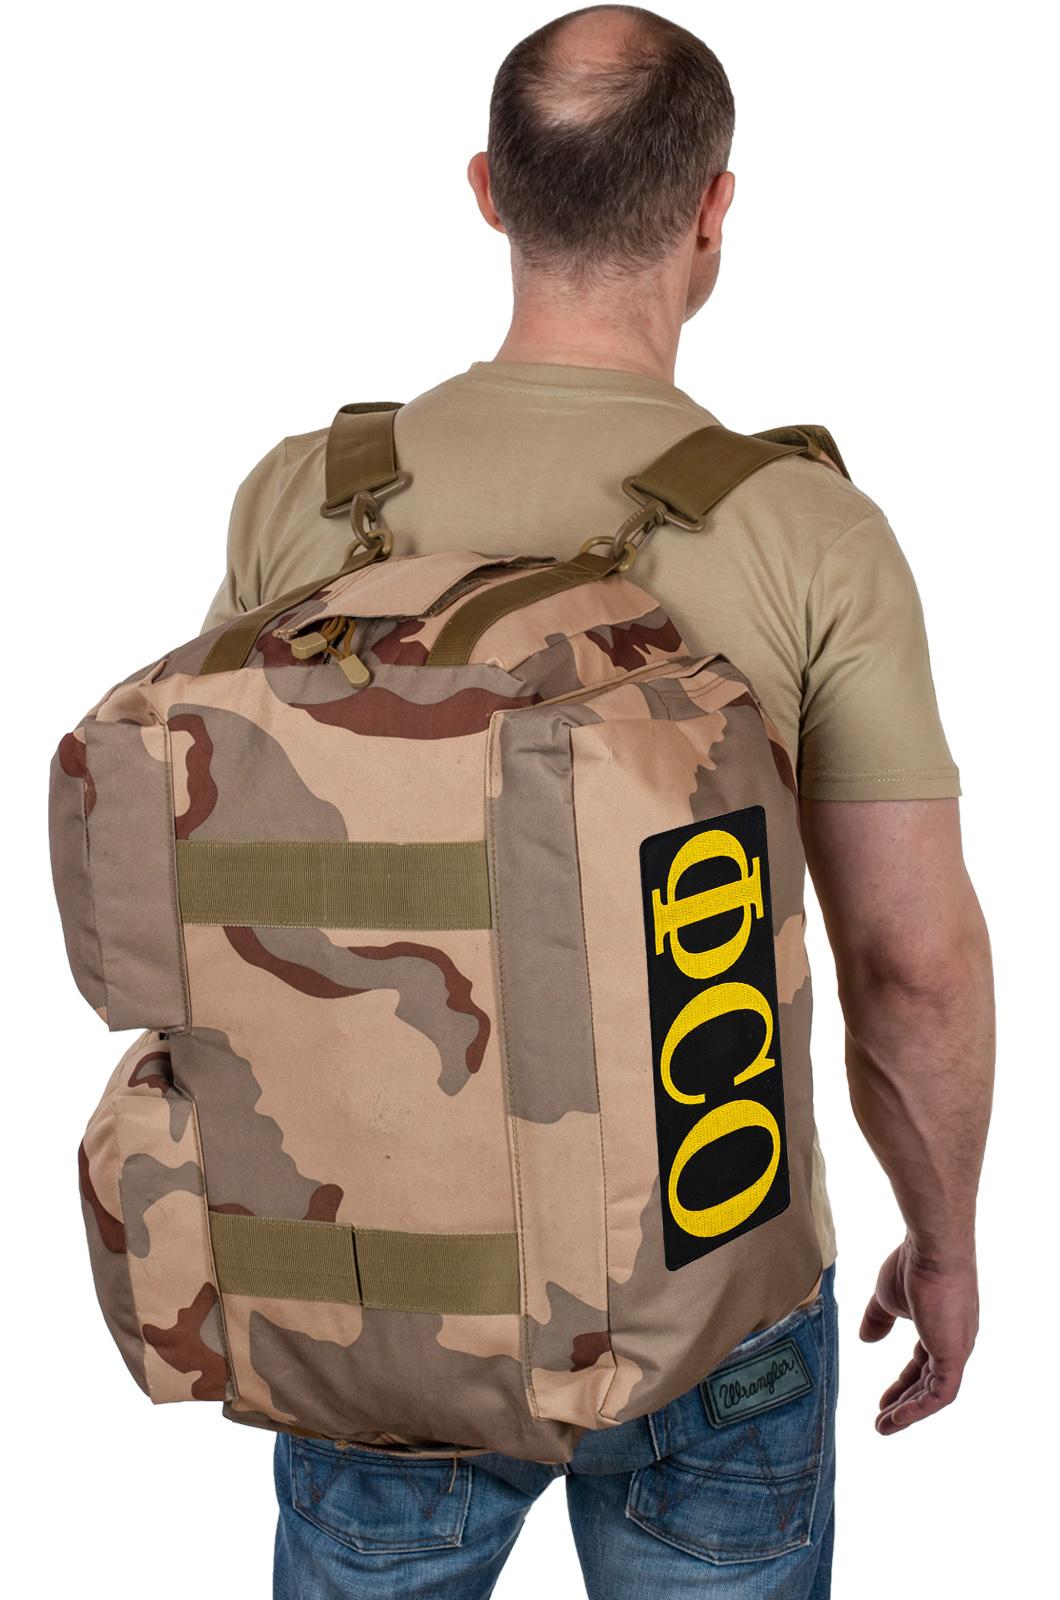 Купить военную дорожную сумку ФСО с доставкой  или самовывозом